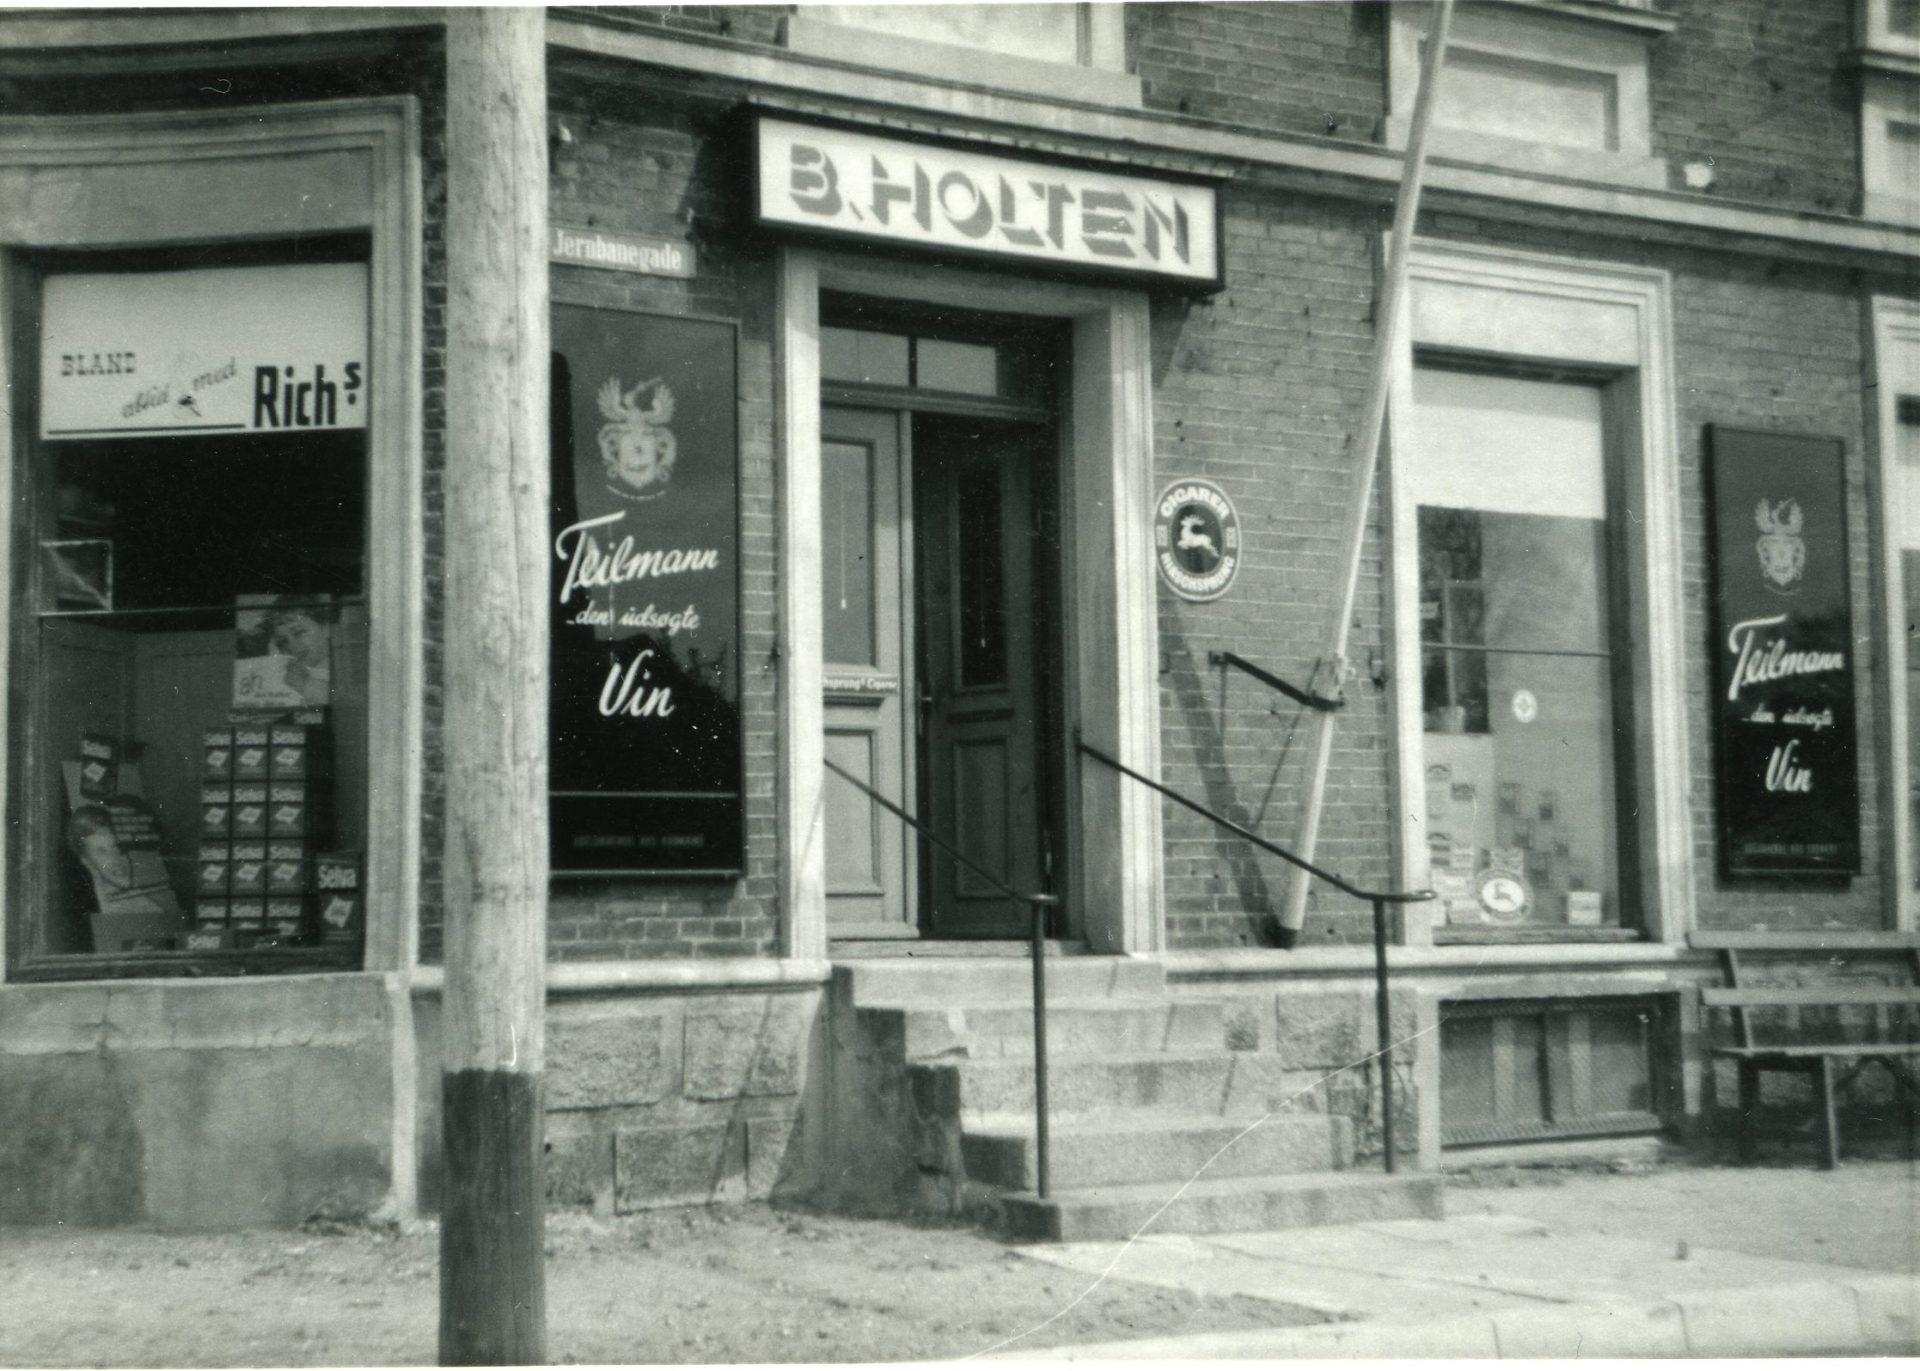 Købmand Holtens butik i Jernbanegade, Hinnerup